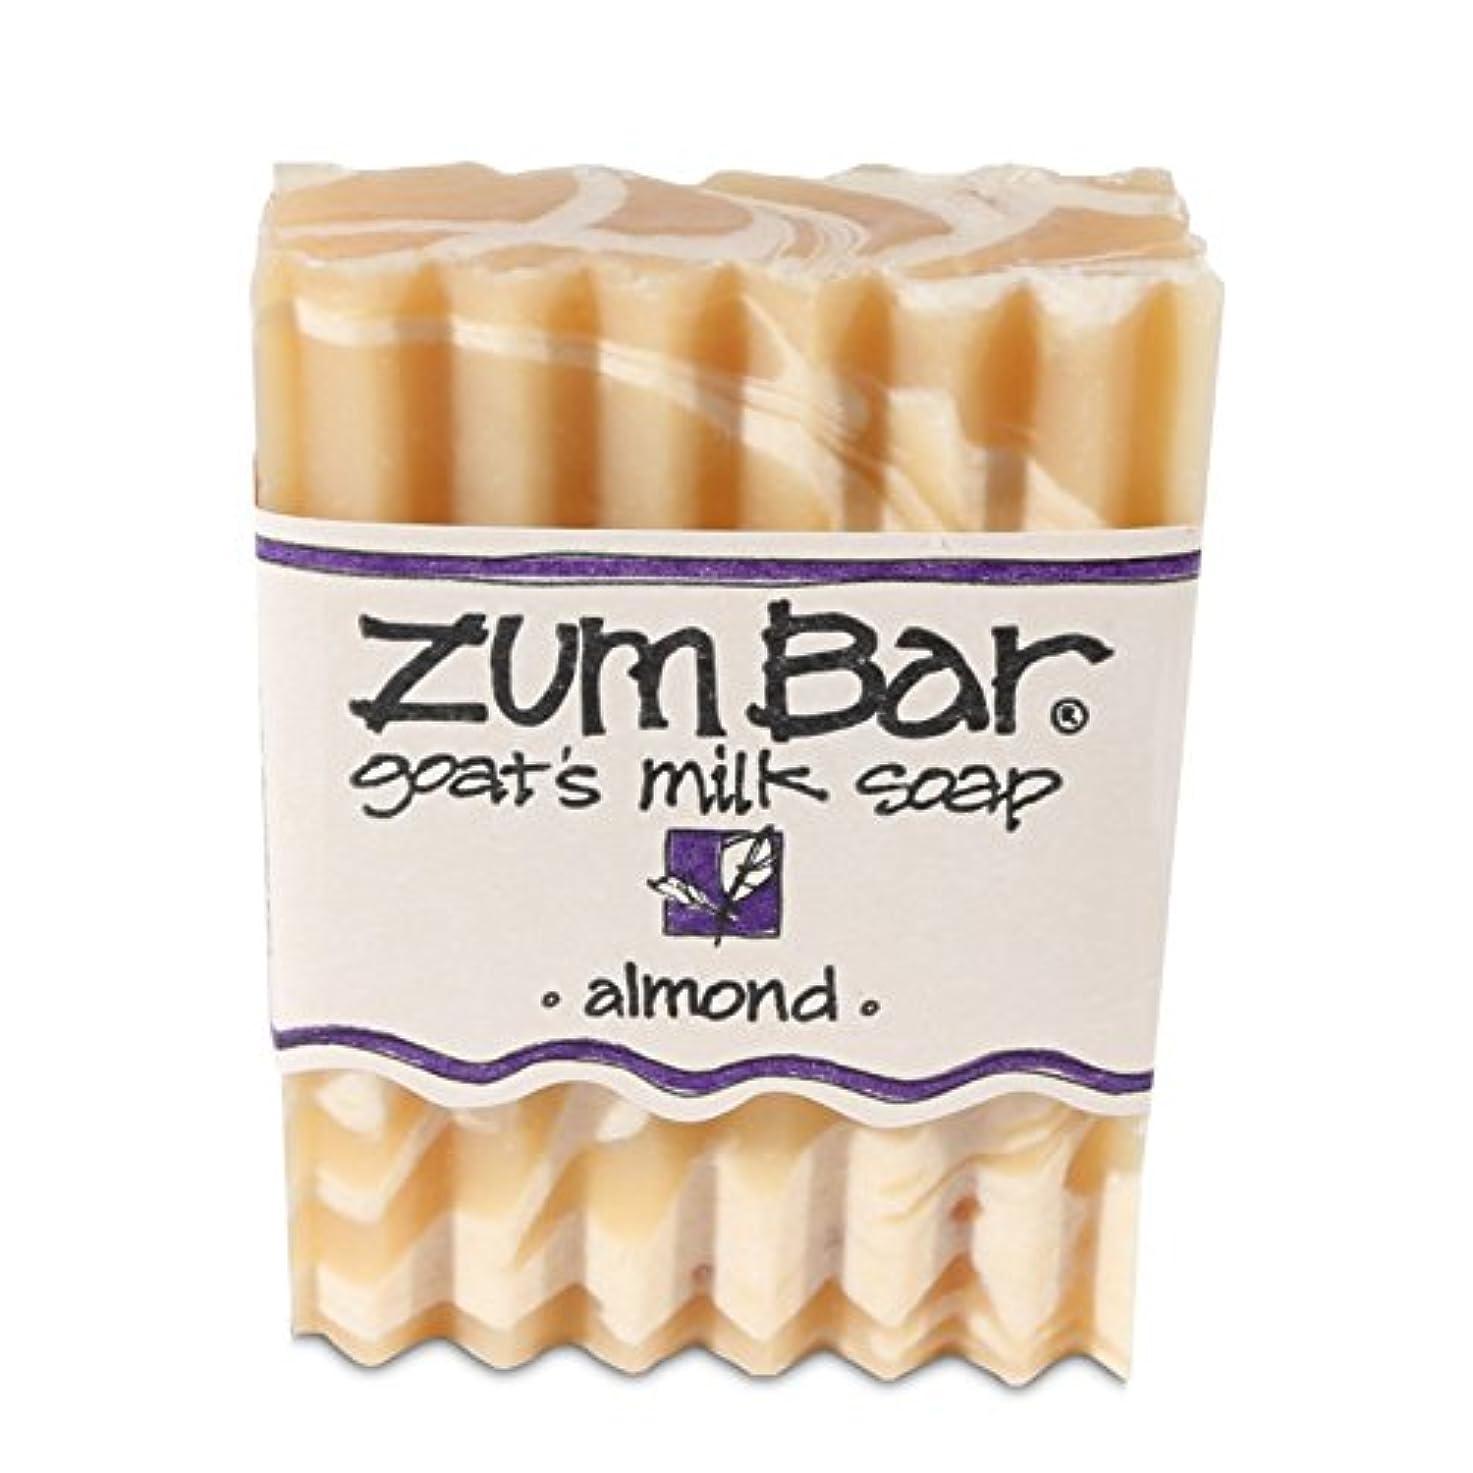 コース家禽市区町村海外直送品 Indigo Wild, Zum Bar, Goat's ミルク ソープ アーモンド , 3 Ounces (2個セット) (Almond) [並行輸入品]